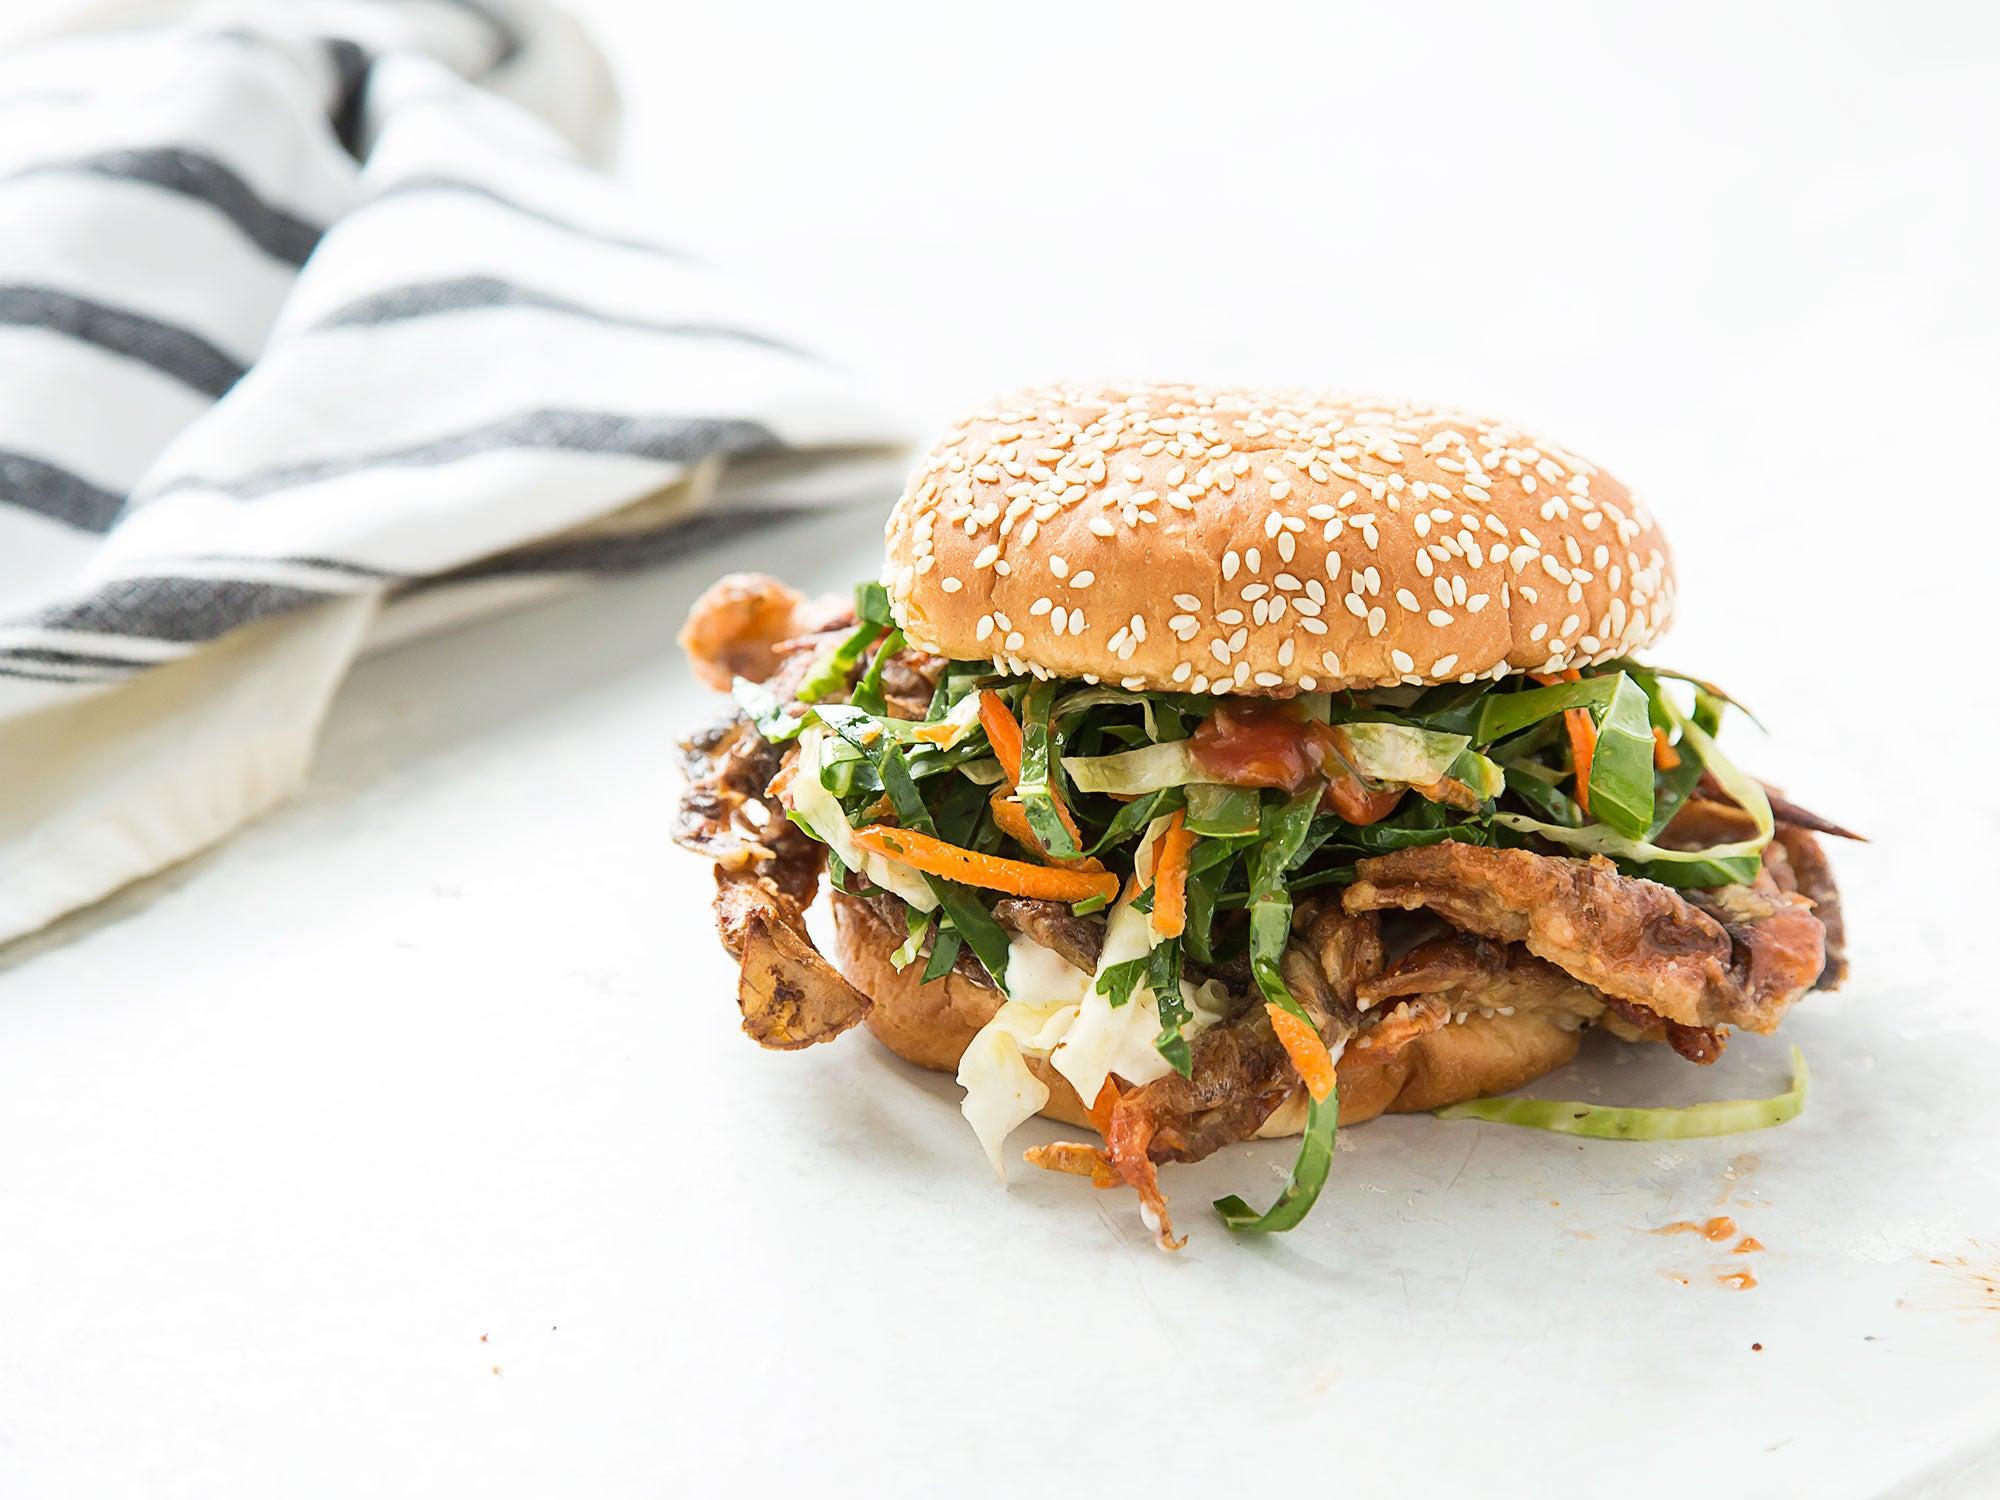 Softshell Crab Sandwich with Collard Slaw